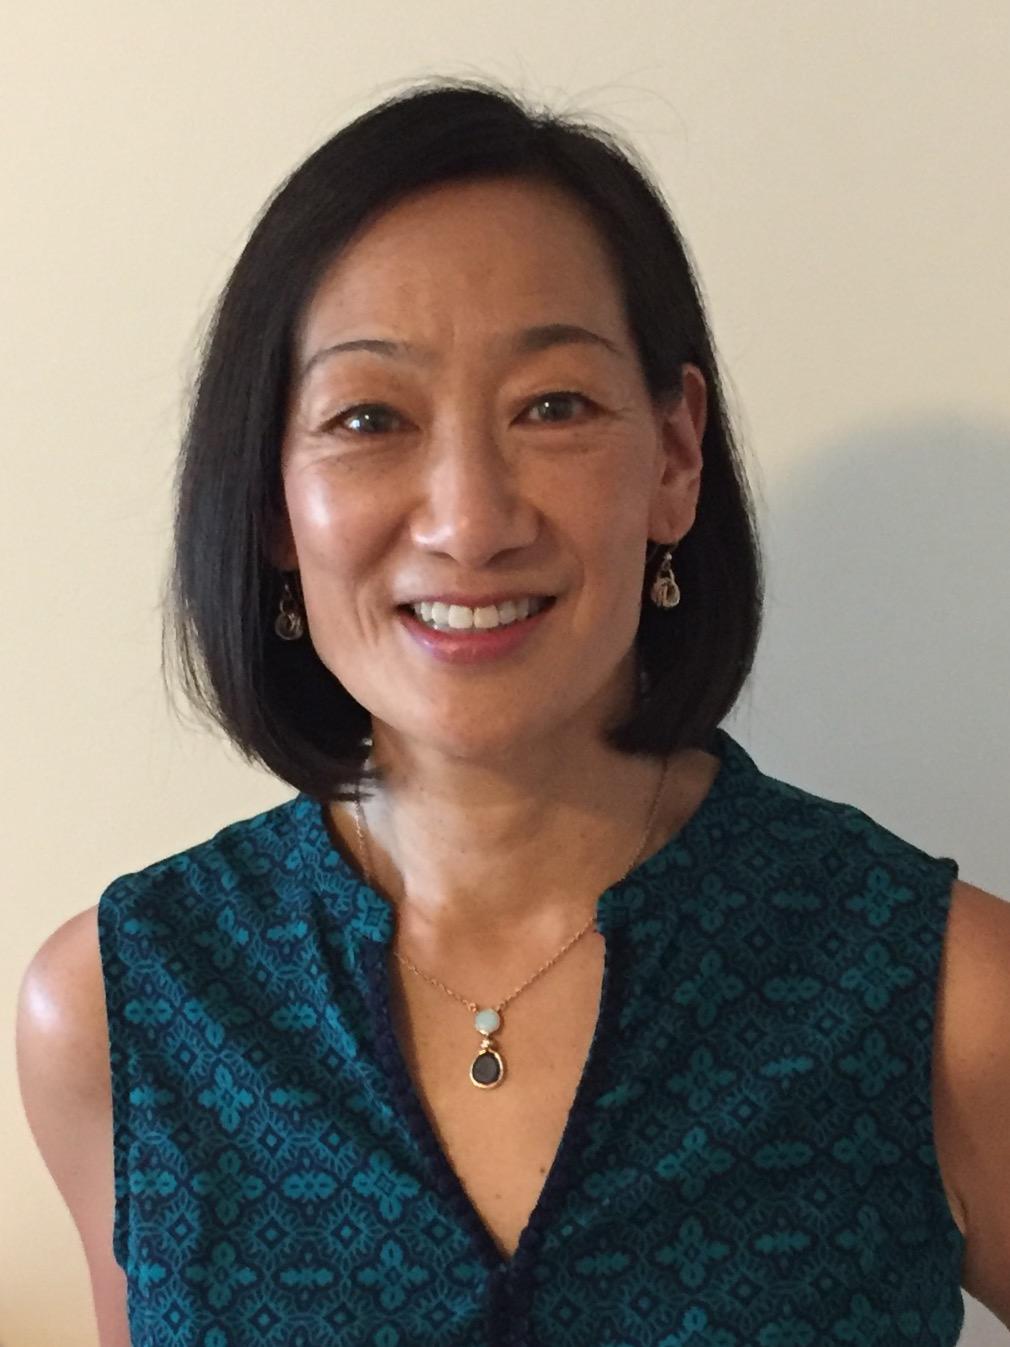 Julie Tang St. Louis